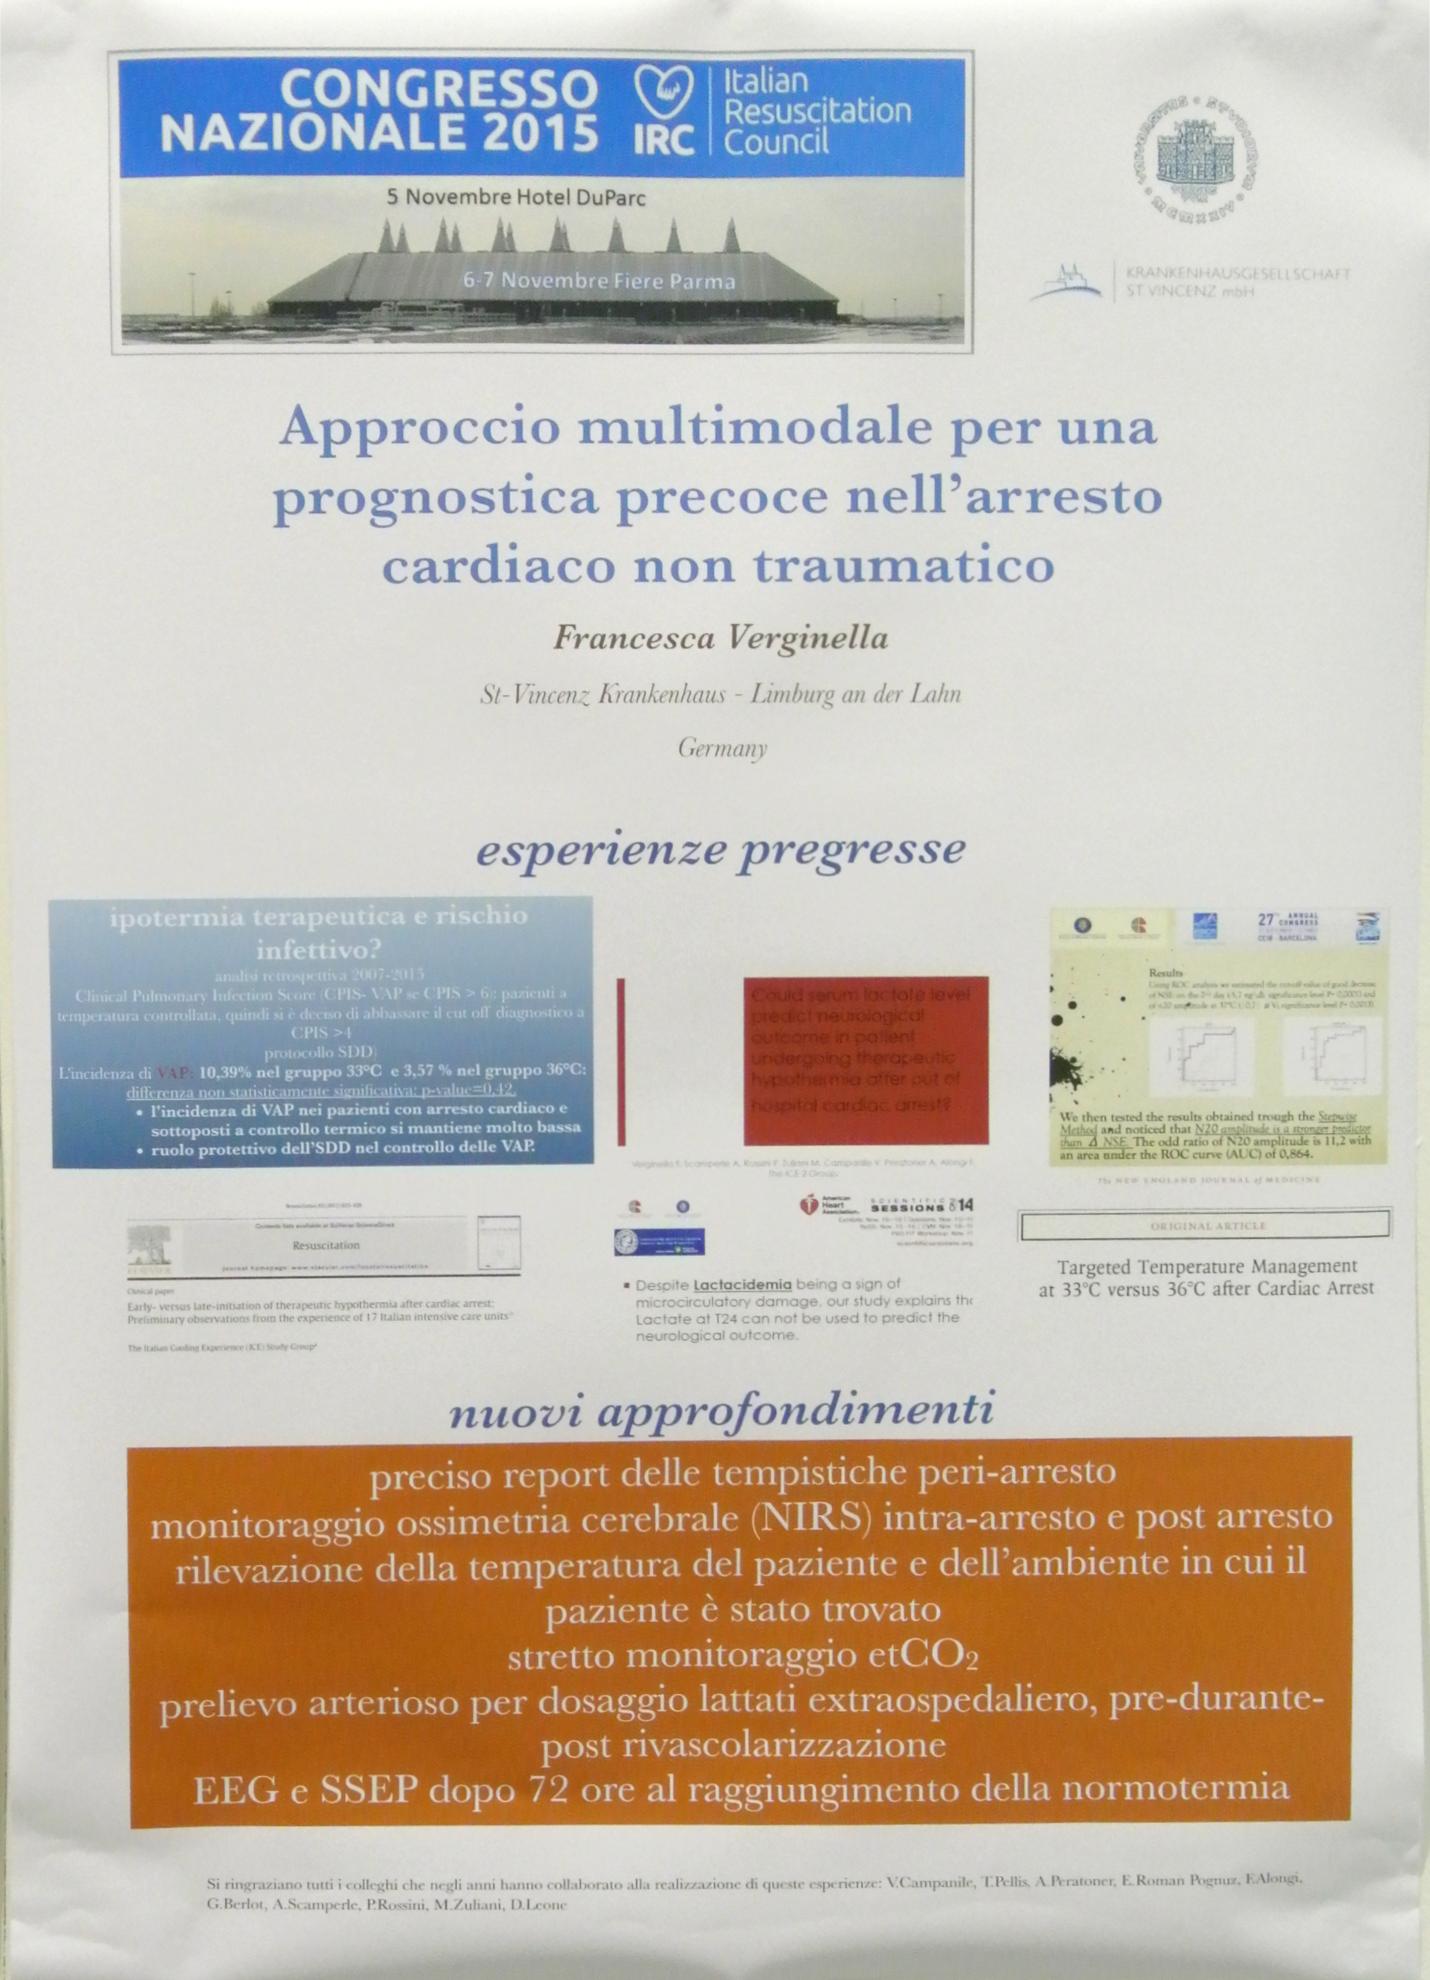 31-approccio-multimodale-prognosi-precoce-acc-verginella